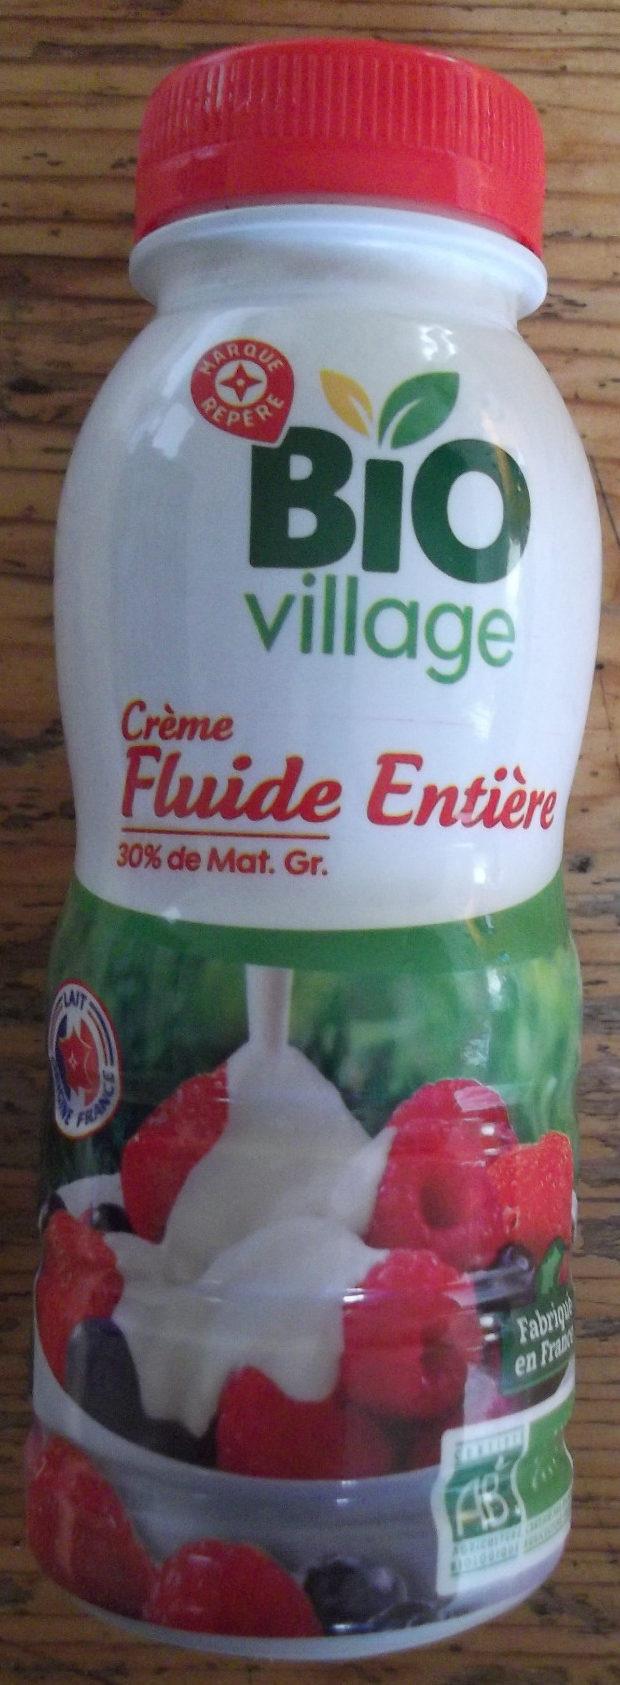 Crème Fluide Entière - Product